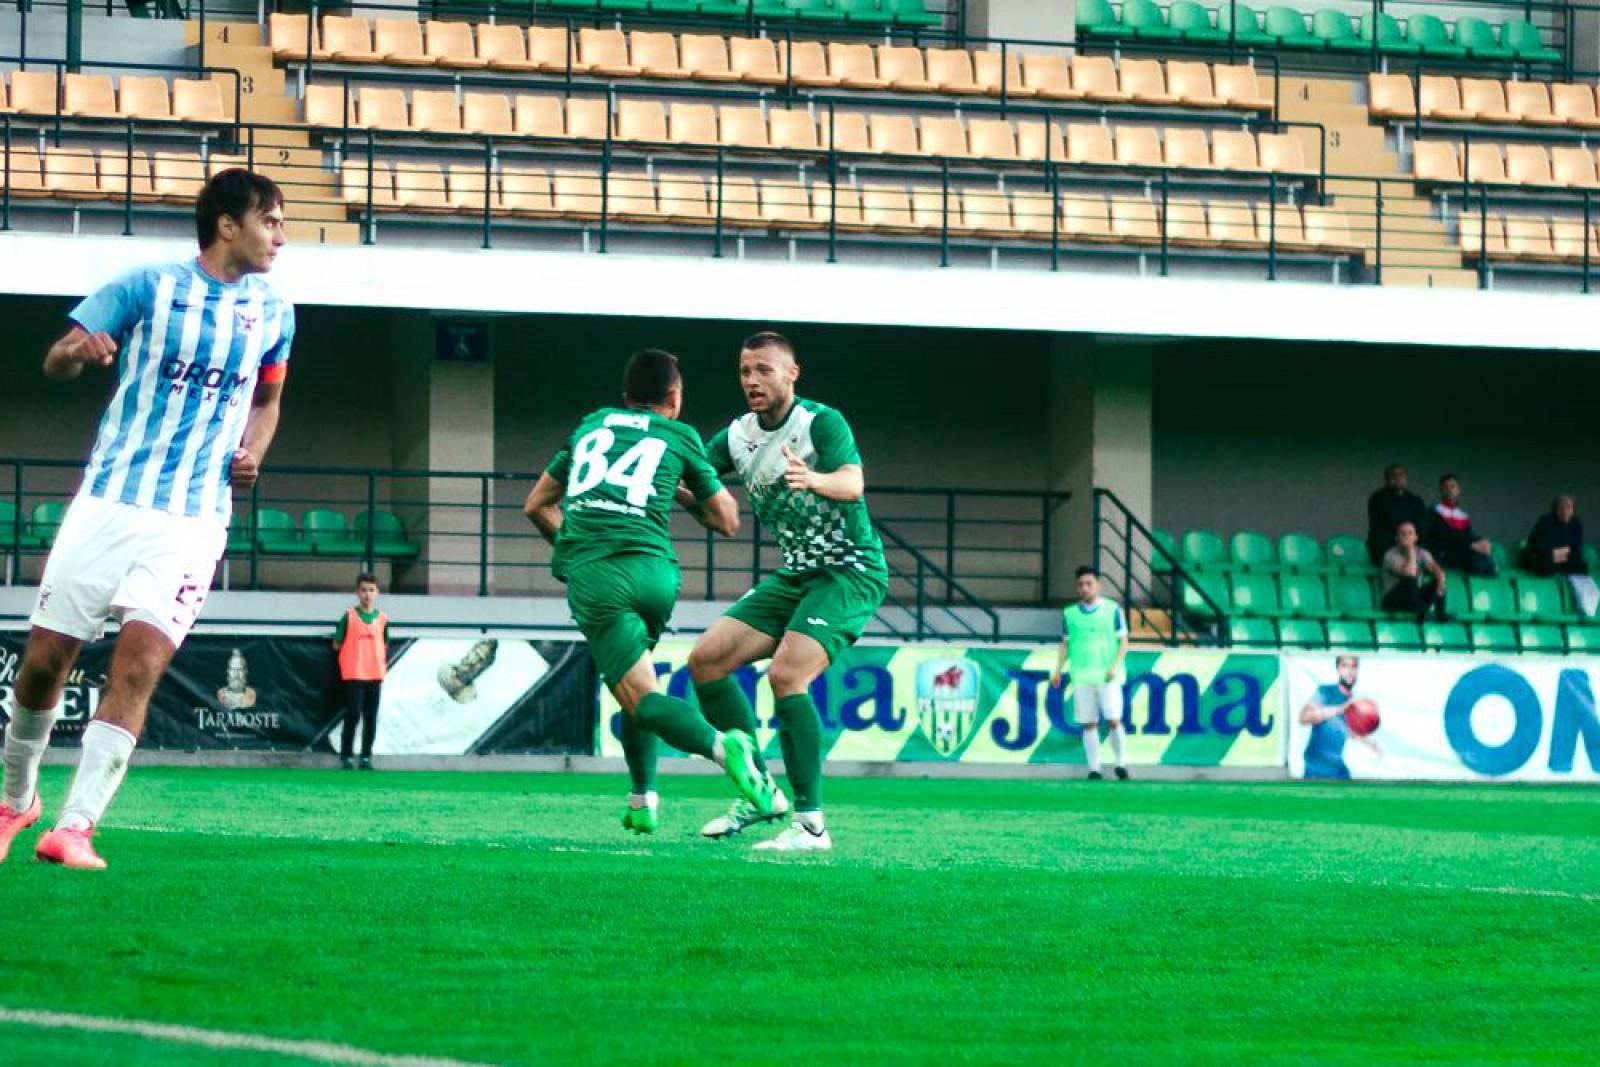 (video) Dinamo-Auto 1-3 FC Zimbru: Galben-verzii au obținut prima victorie din acest sezon de campionat